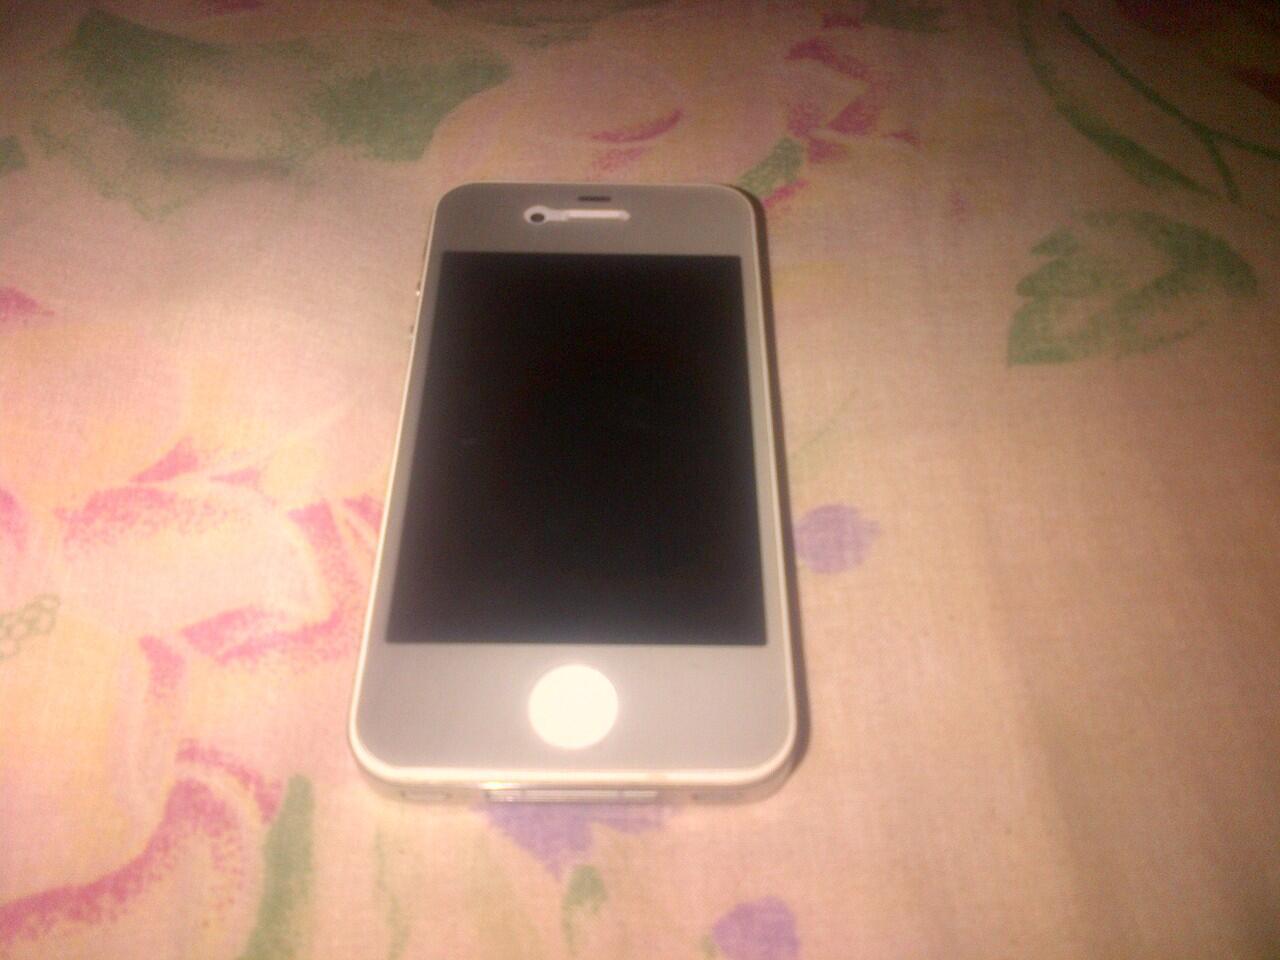 Jual Iphone 4S 32GB Putih Mulus Lengkap Garansi